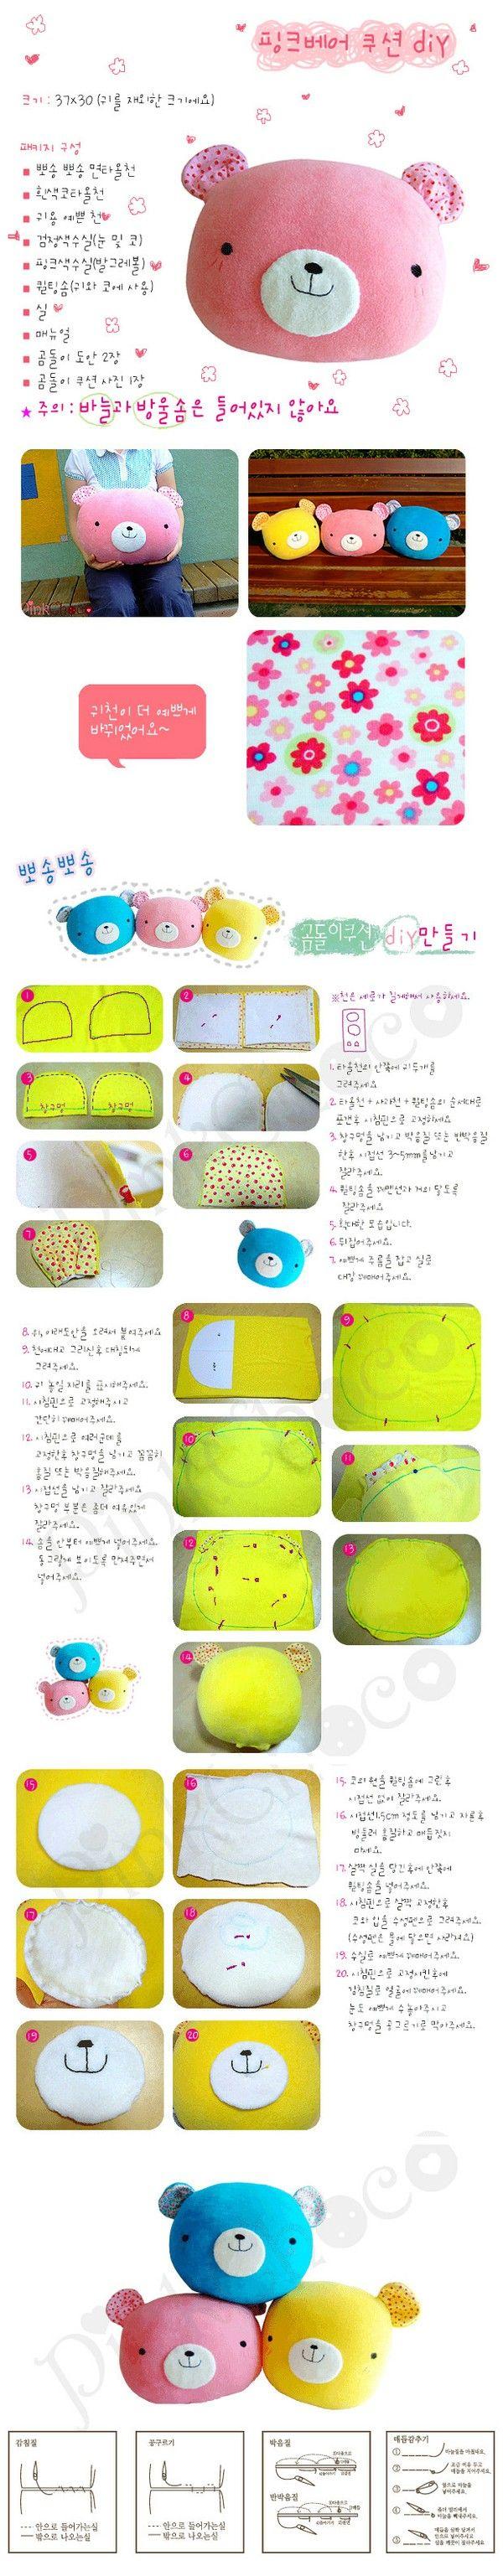 可爱韩国大抱枕熊 有教程, Cute Critter Pillow, Cushion , How to Make a Toy Animal Plushie Tutorial Plushies Tutorial , Animal Plushies, Softies & Furries Arts and Crafts, Diy Projects, Sewing Template , animals, plush, soft, toy, pattern, template, sewing, diy , crafts, kawaii, cute, sew, pattern, critter bear